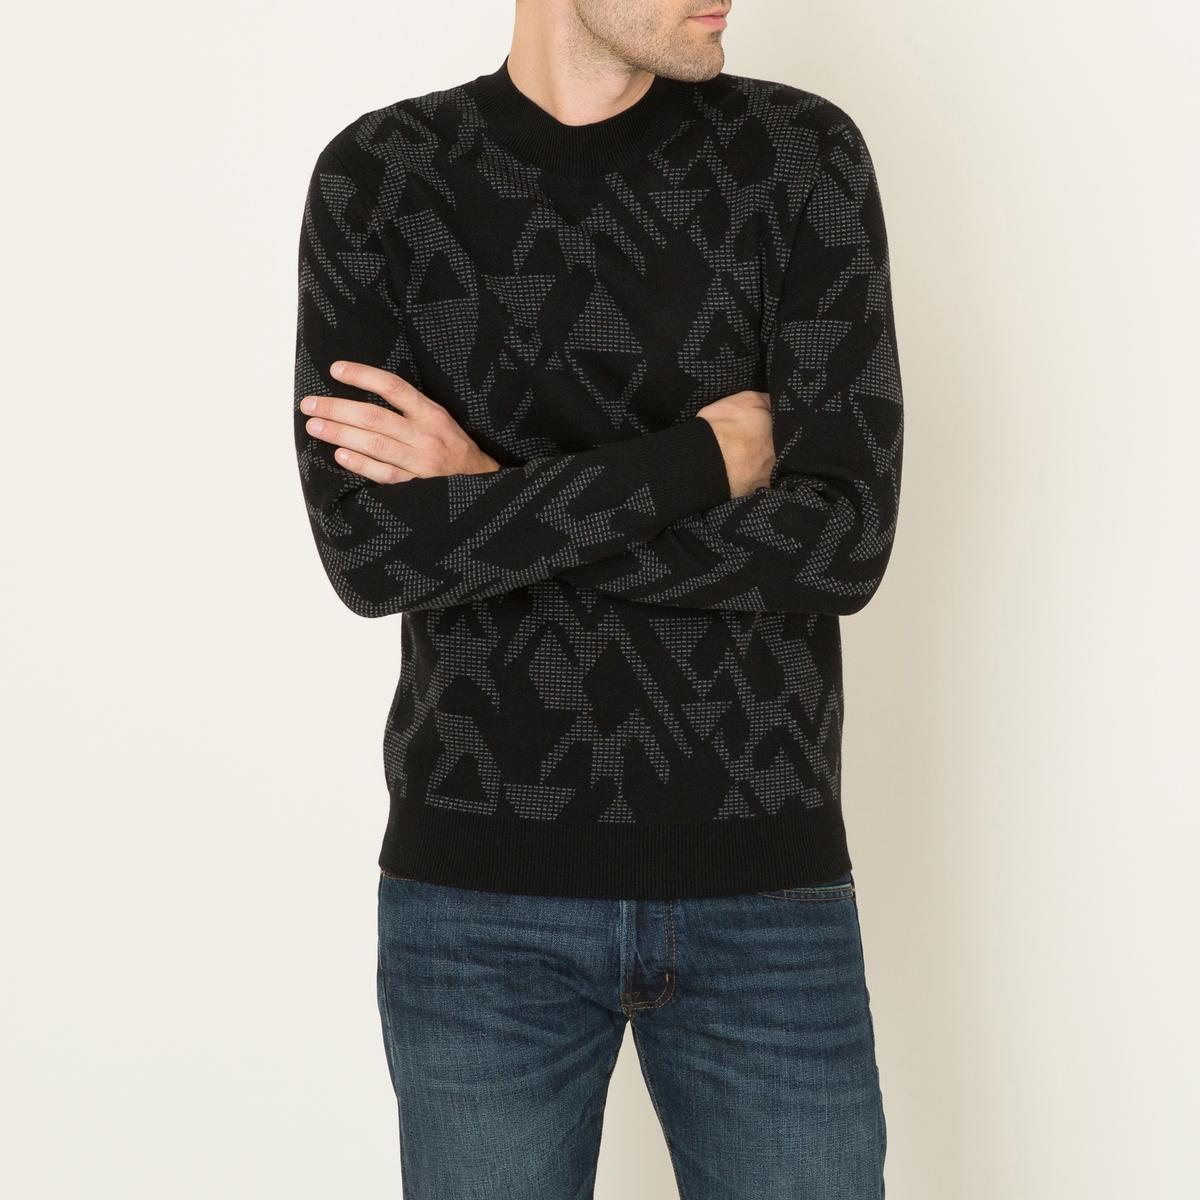 Пуловер жаккардовыйСостав и описание :Материал : 50% шерсти, 50% хлопкаМарка : THE KOOPLES<br><br>Цвет: черный